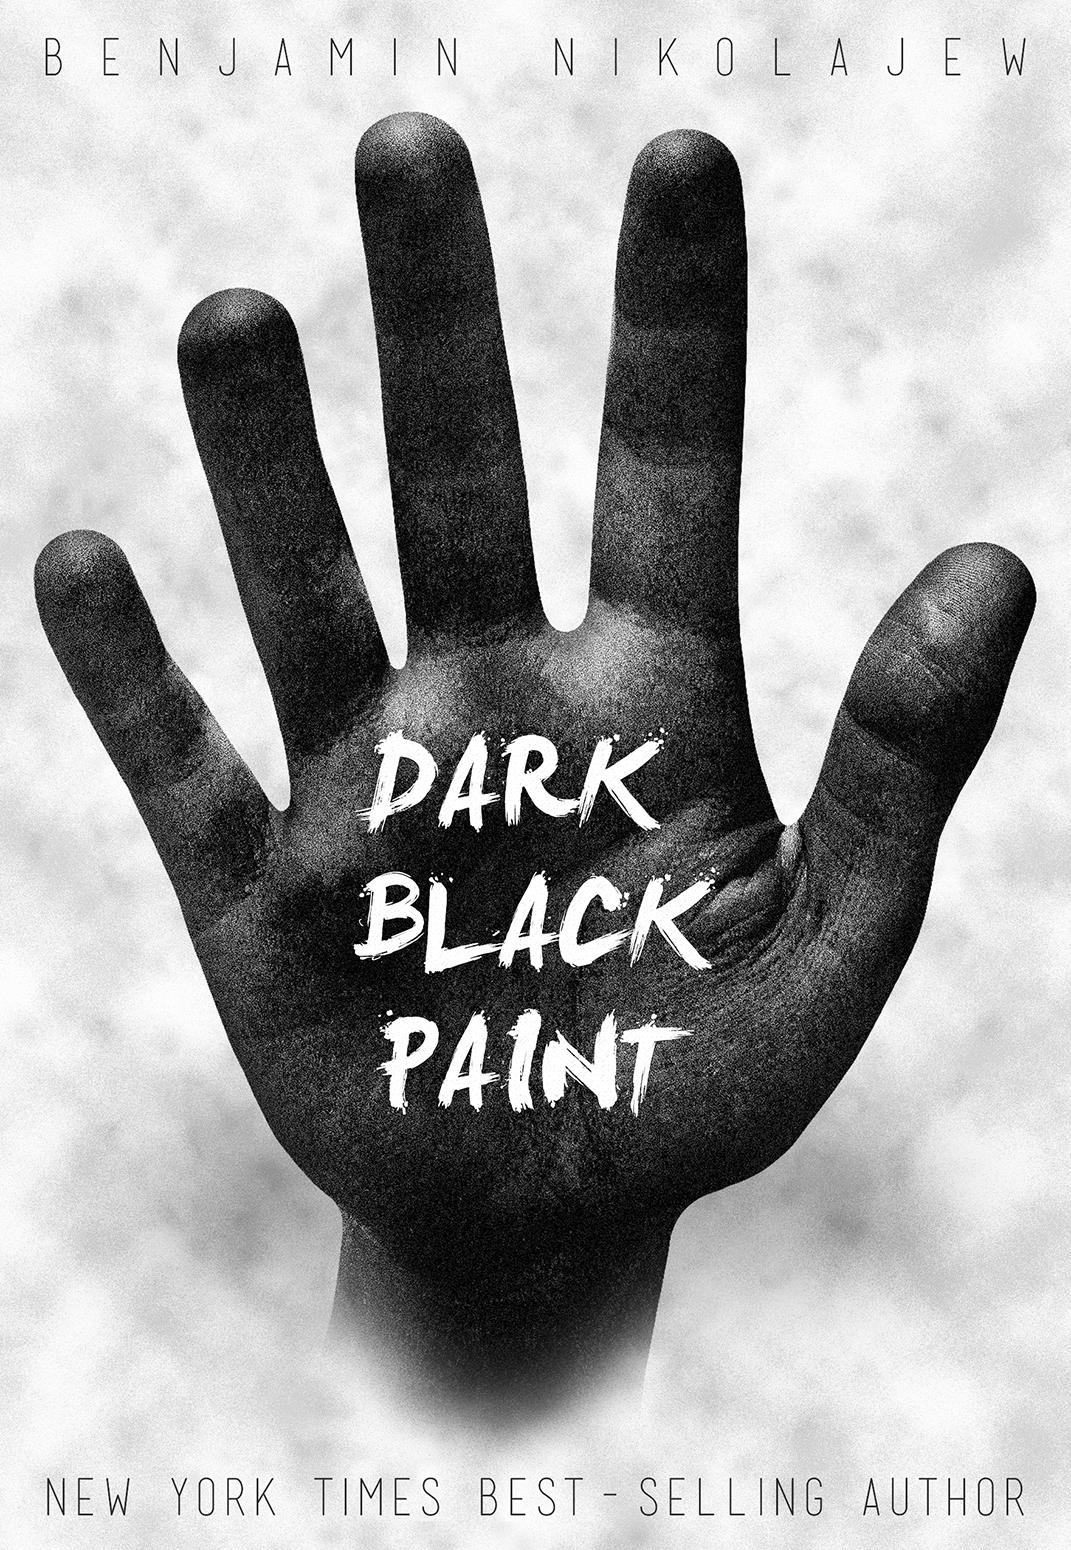 Book Cover Black Paint ~ Nikolajew design quot dark black paint book cover